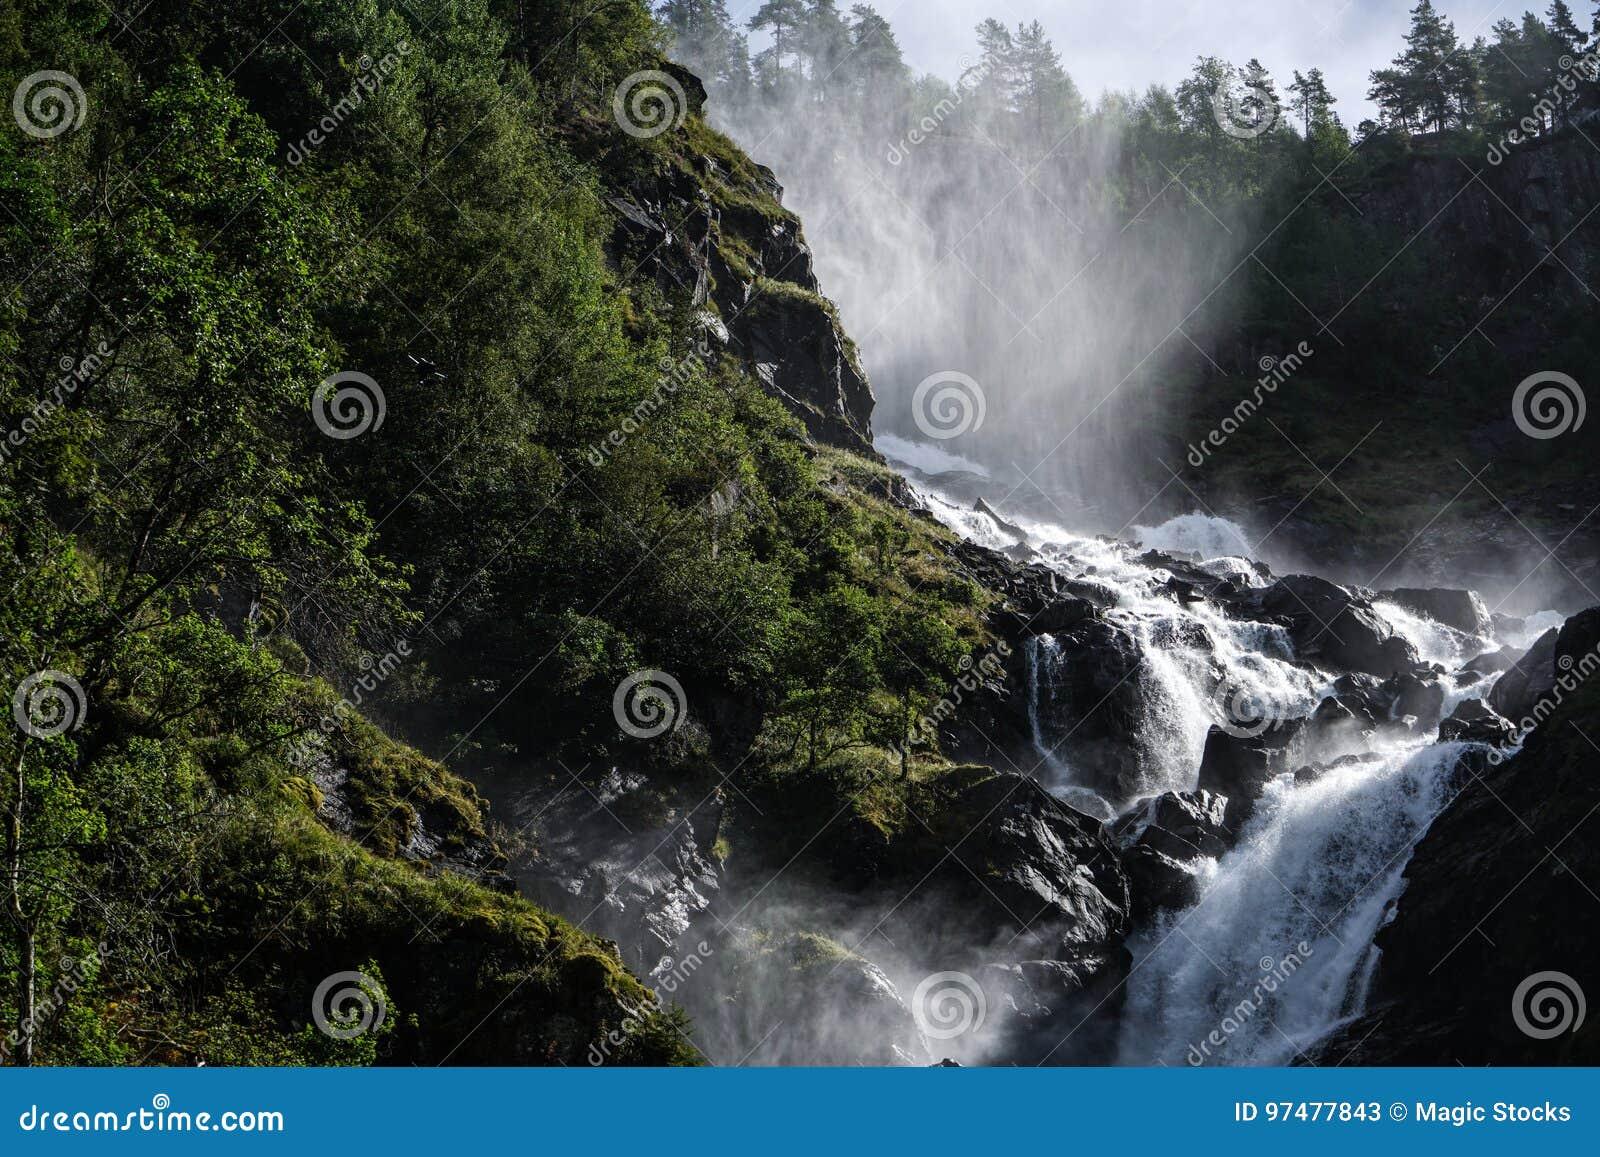 La cascata di LÃ¥tefossen